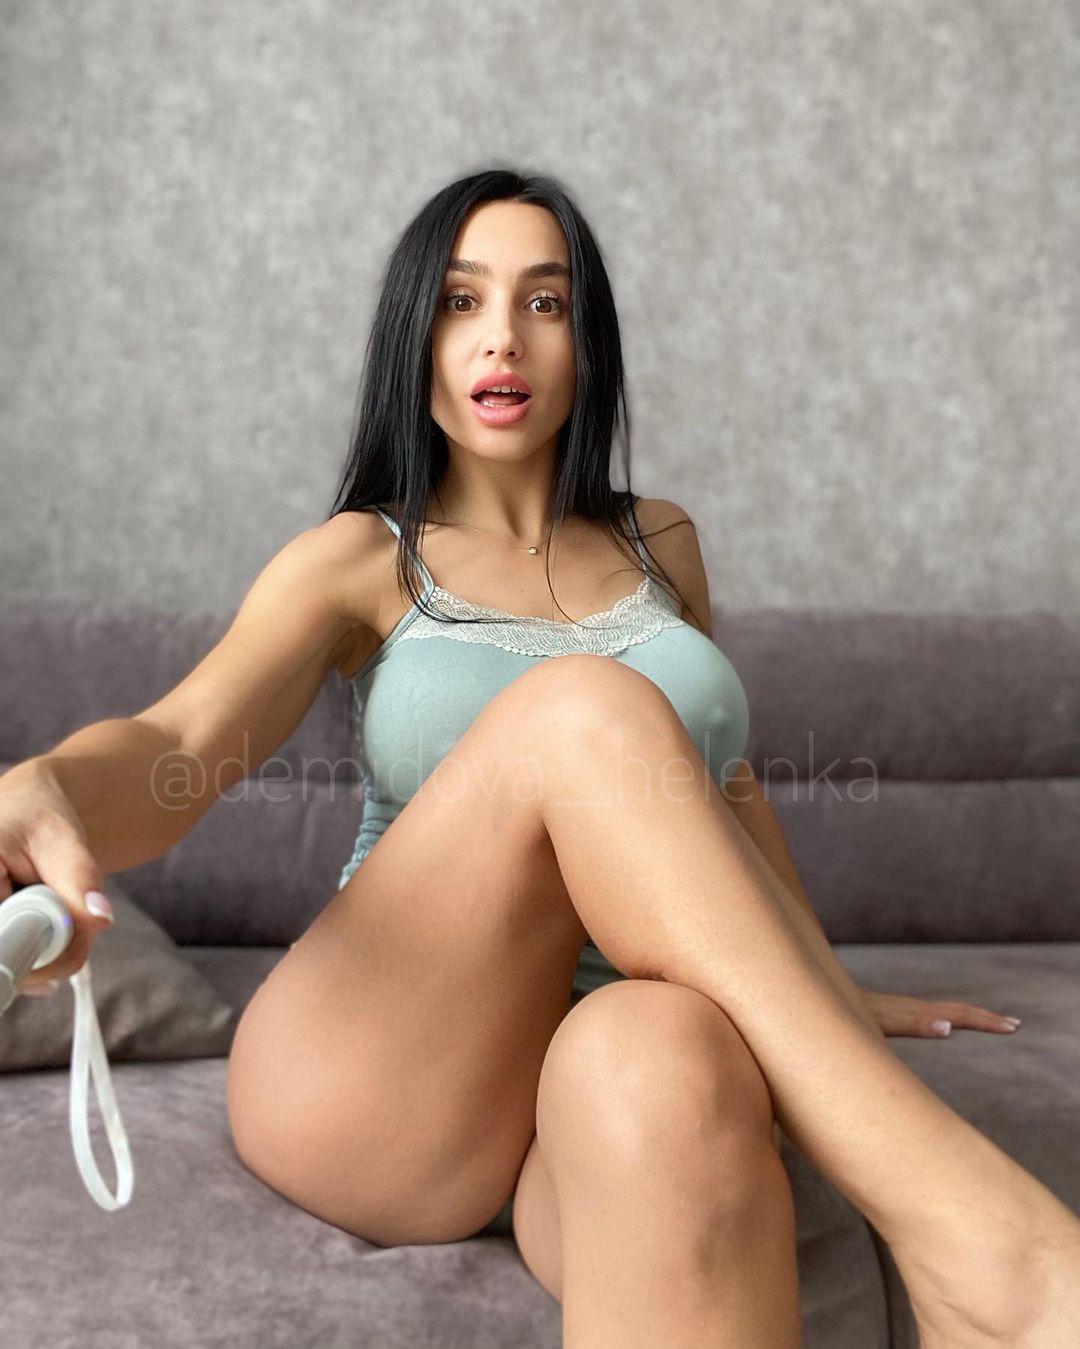 Helenka секси селфи в инсте